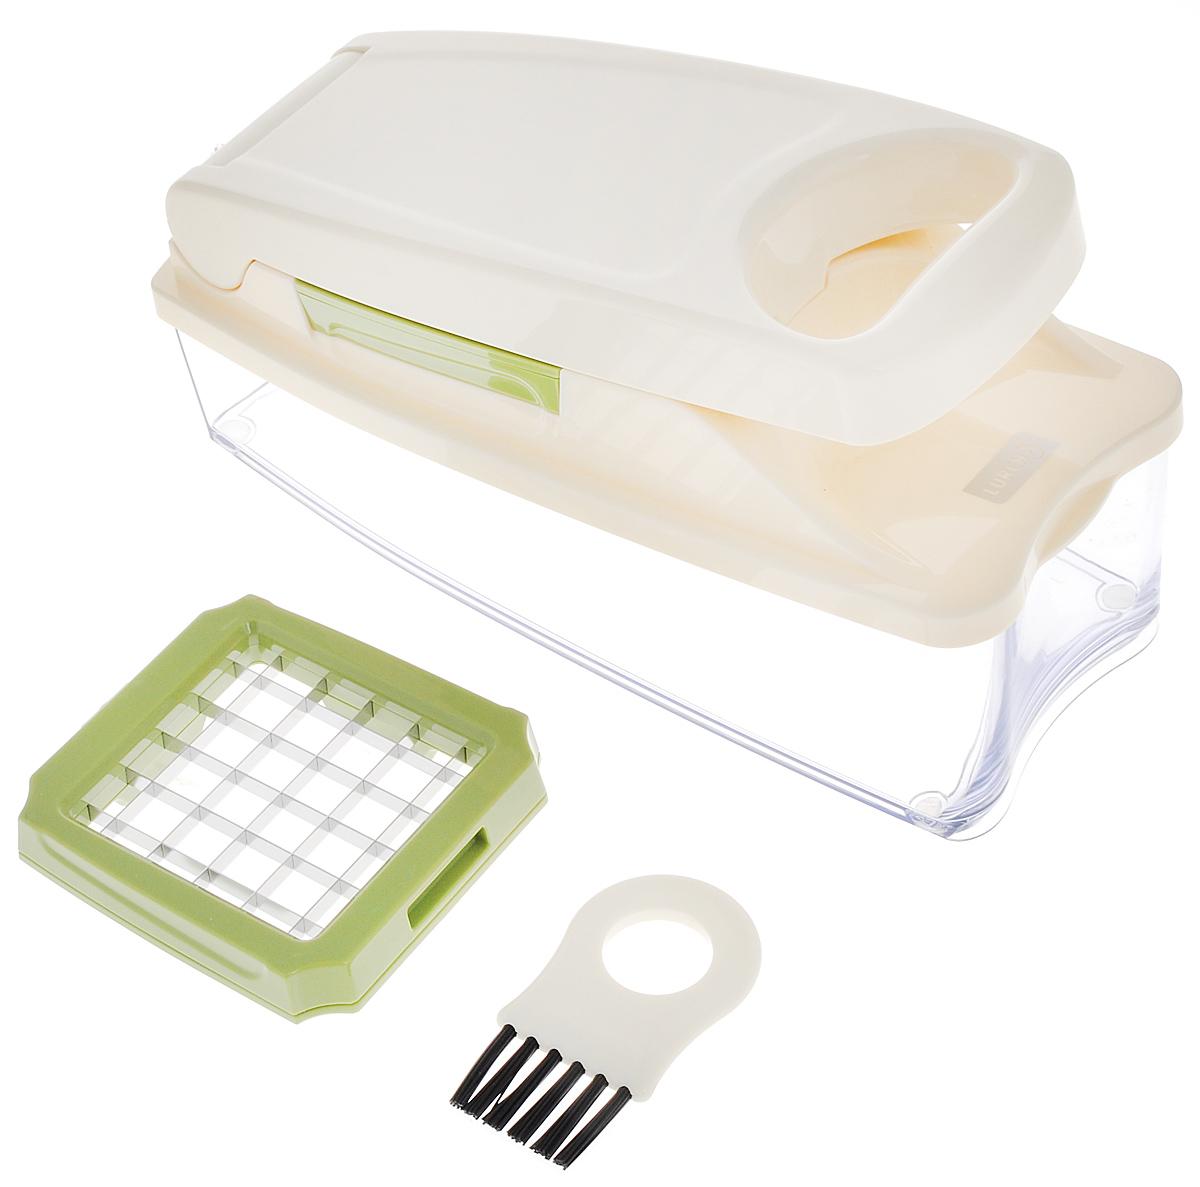 Слайсер Lurch10219Слайсер Lurch - это многофункциональный прибор, который поможет быстро нарезать фрукты и овощи. В комплекте: - пластиковый контейнер-поддон для нарезанных продуктов, - крышка со 2 съемными лезвиями и рабочей частью-прессом, - щетка для очистки. Лезвия выполнены из высококачественной нержавеющей стали, корпус изготовлен из пластика. Слайсер очень прост в использовании. Продукт, который вы собираетесь измельчить, положите в центр лезвия- решетки. Надавите на рабочую часть слайсера рукой. Острыми лезвиями продукт будет разрезан на ровные части. Если вам необходимы ингредиенты, измельченные кубиками, то нарежьте их предварительно на ломтики. Для удобства чистки рифленой рабочей части крышки предусмотрена щетка, с помощью которой вы легко удалите остатки пищи. Дно контейнера оснащено силиконовыми вставками для меньшего скольжения. Преимущества слайсера: - точная и аккуратная нарезка, - не мнет даже мягкие...